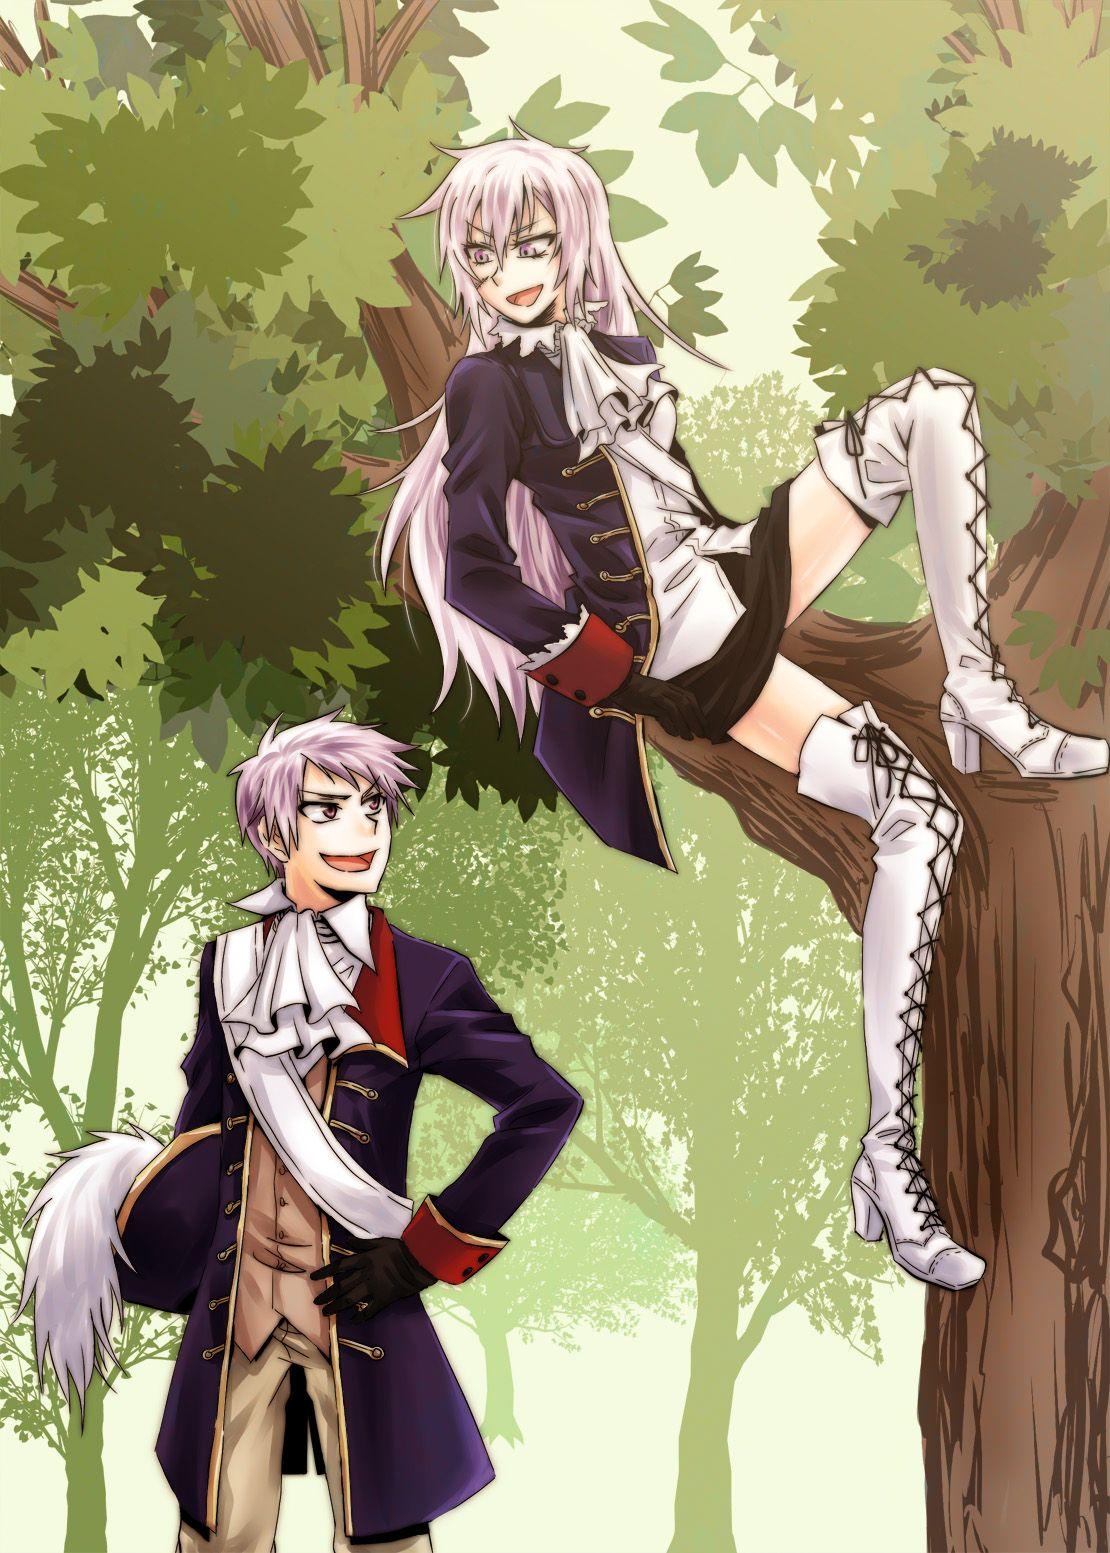 Prussia & fem!prussia